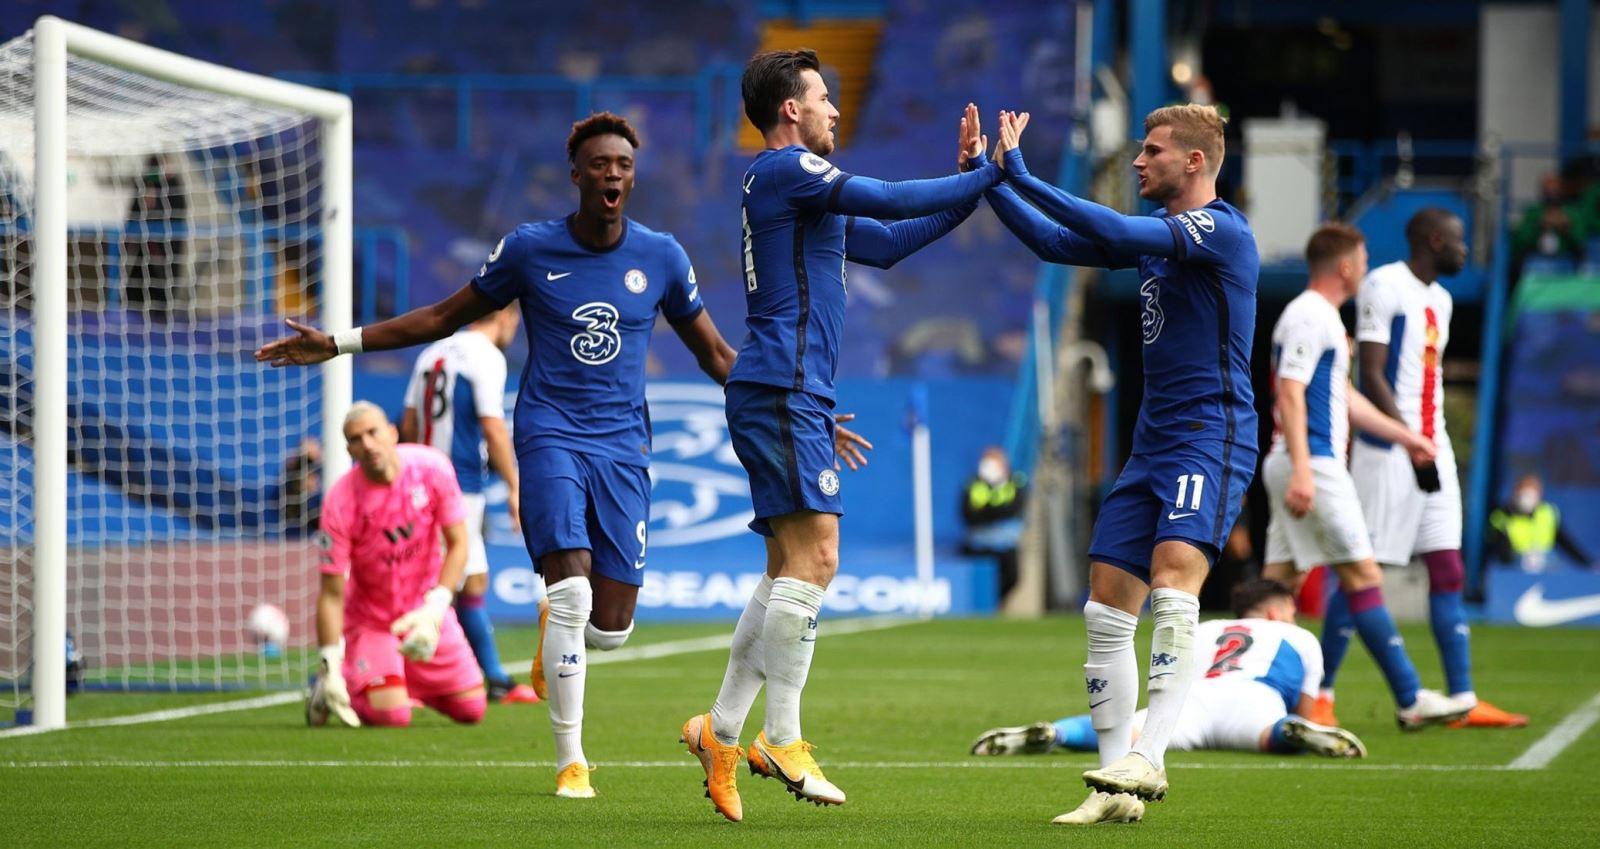 kết quả Chelsea vs Crystal Palace, ket qua bong da, K+, kết quả bóng đá Anh, Trực tiếp K+PM, ngoại hạng Anh vòng 4, kết quả bóng đá Ngoại hạng Anh, Chelsea